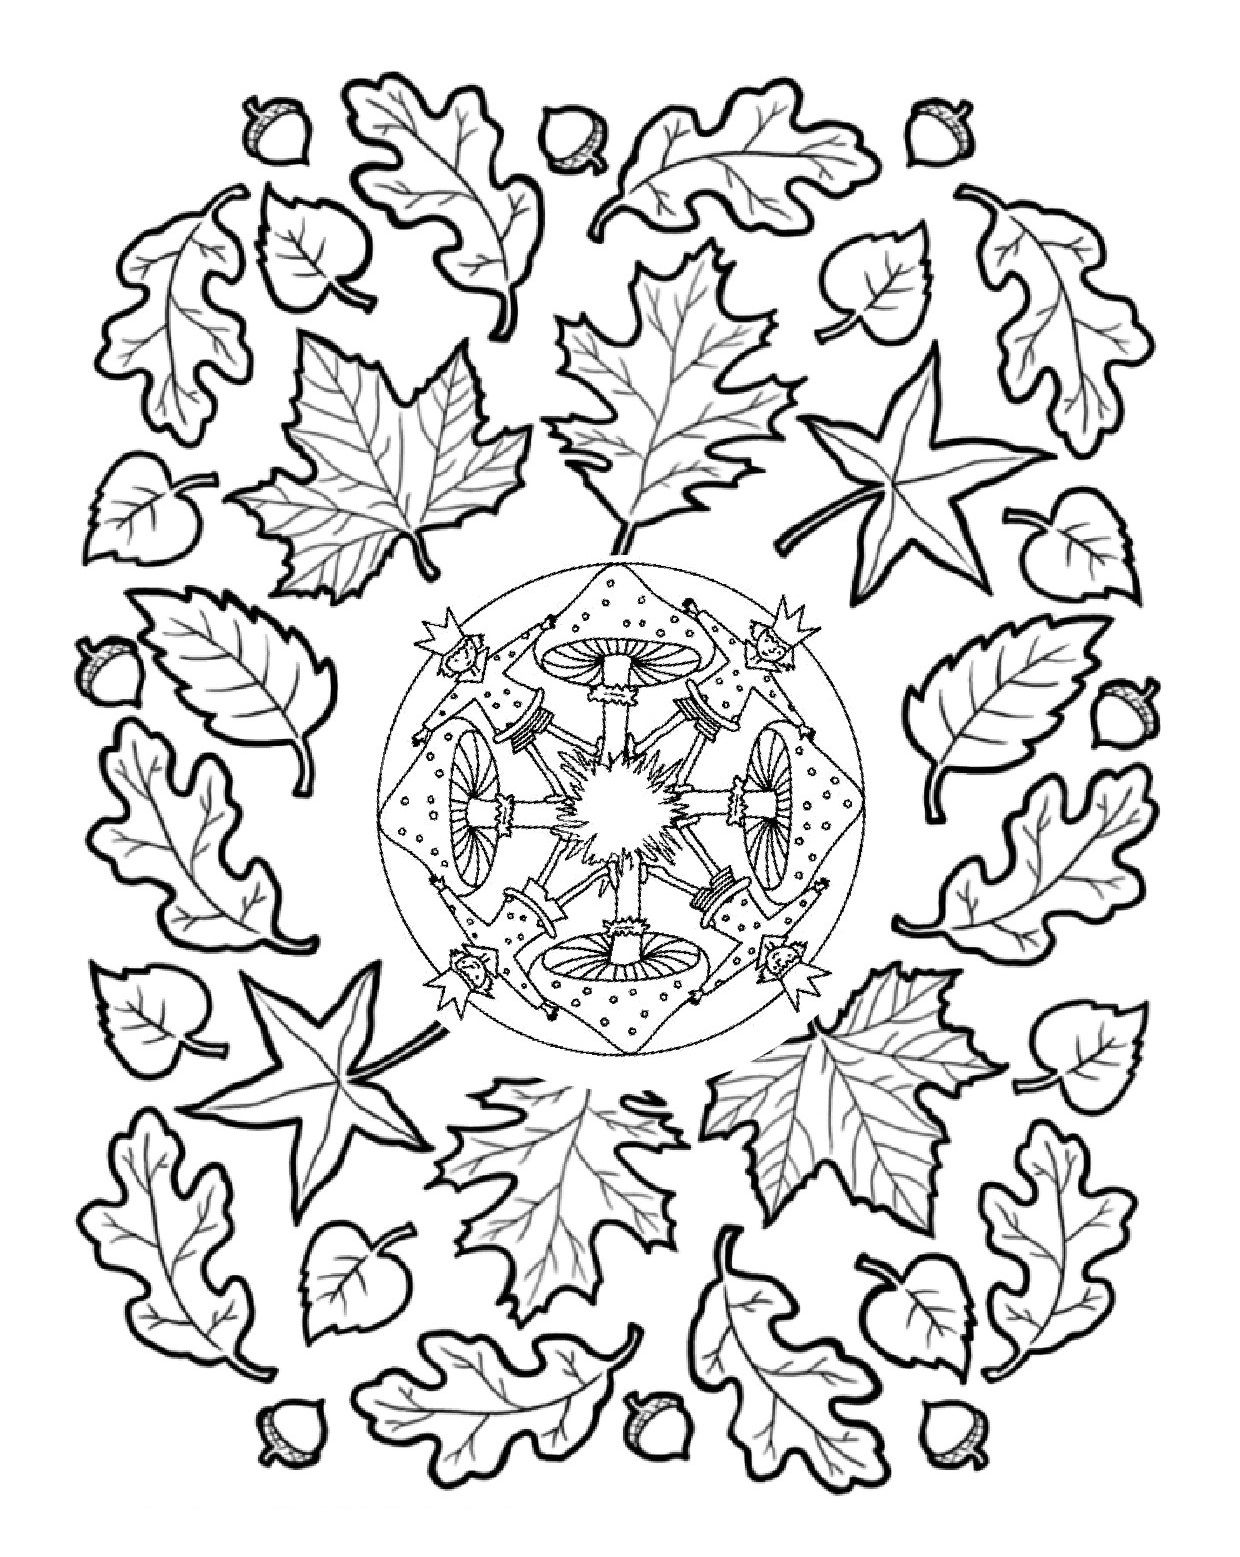 Mandala Paddenstoelen Herfstbladeren Mandala Kleurplaten Herfstbladeren Herfst Halloween